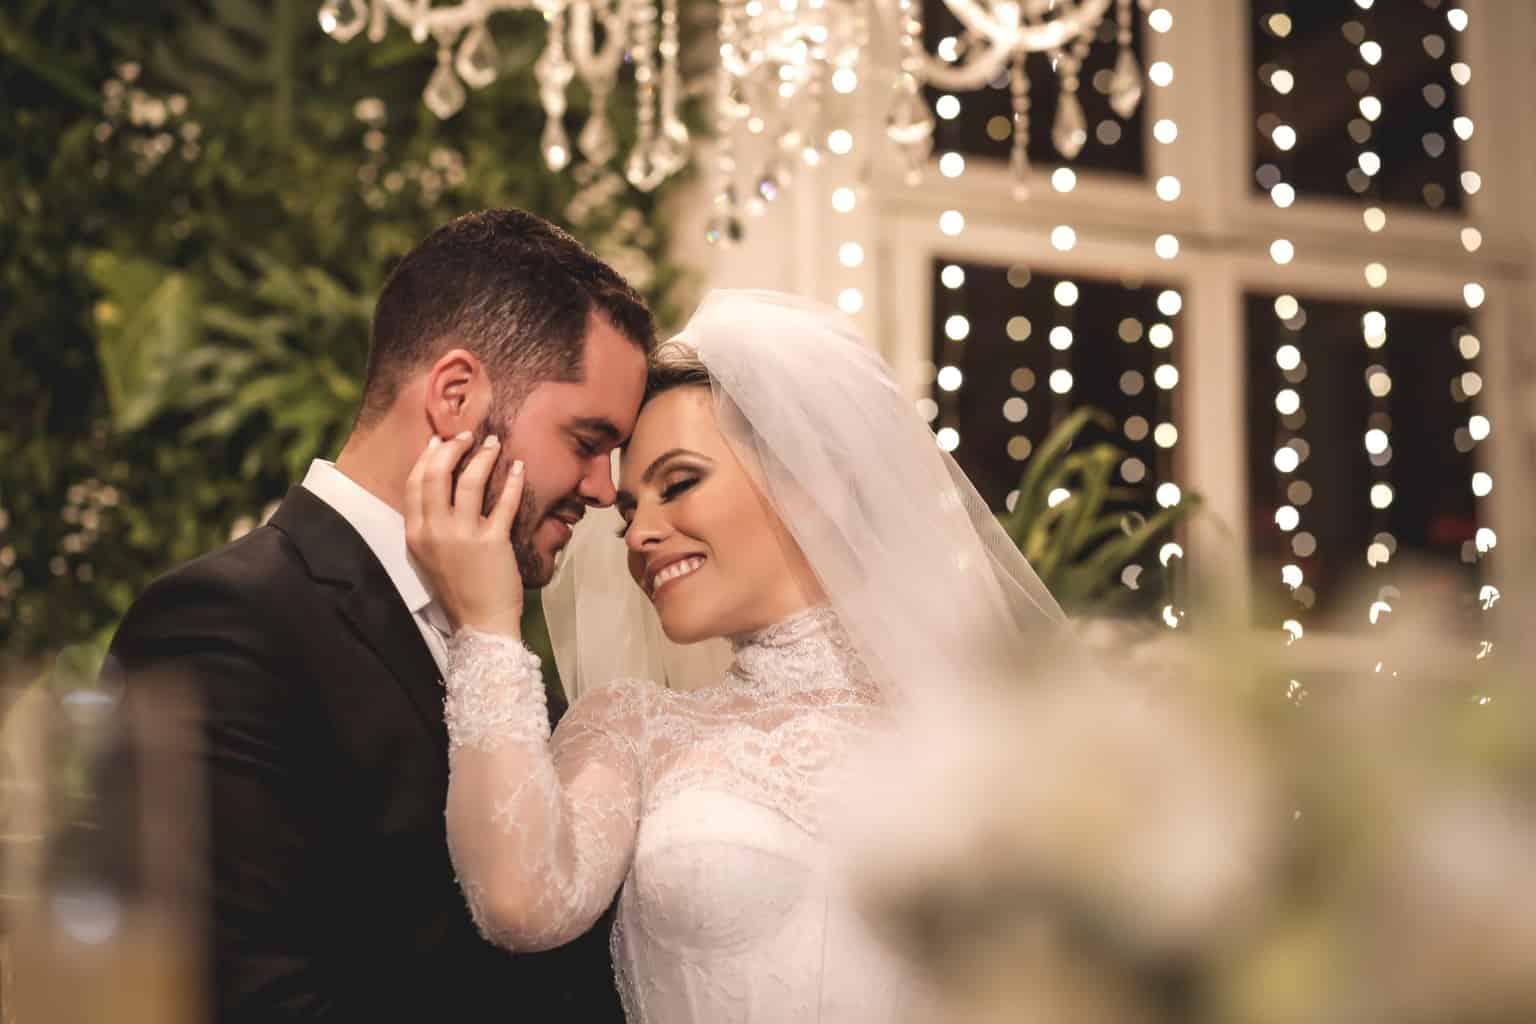 casamento-Juliana-e-Eduardo-foto-dos-noivos-Fotografia-Ricardo-Nascimento-e-Thereza-magno-Usina-dois-irmãos89